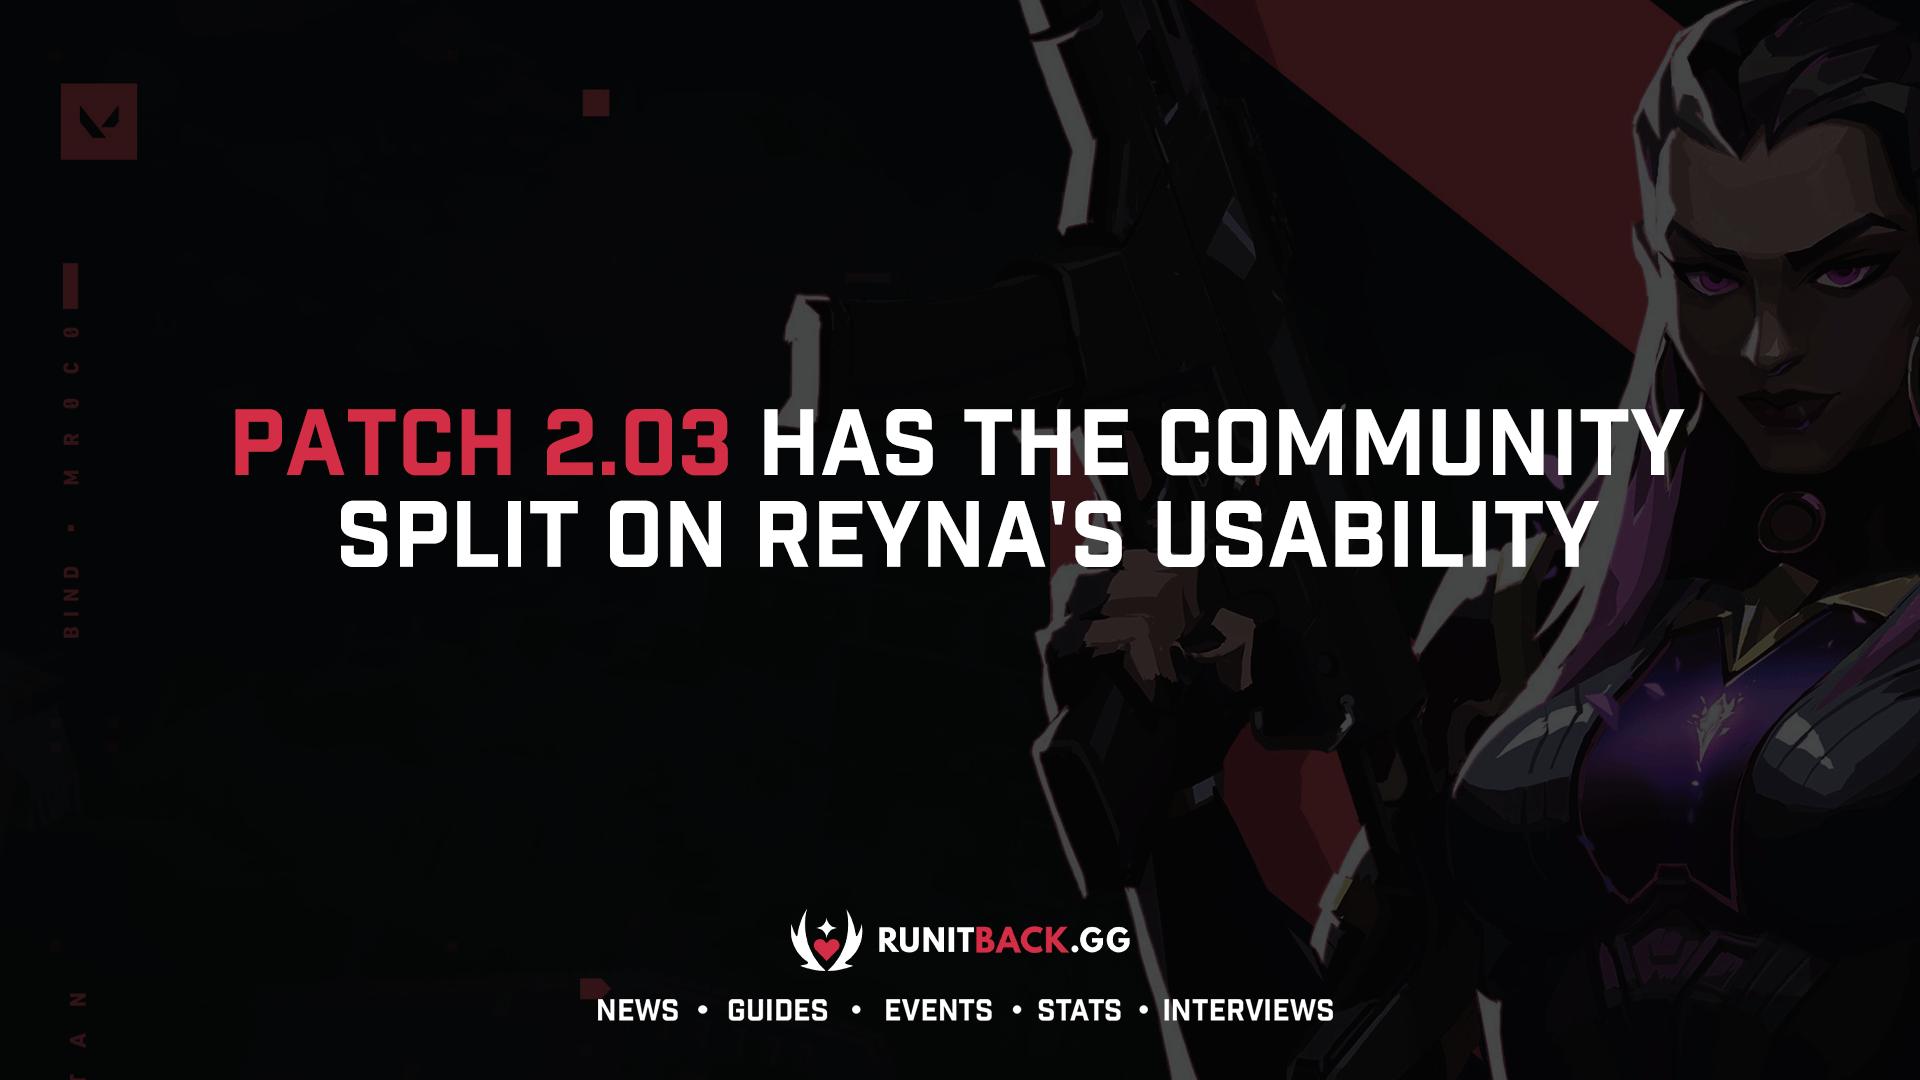 Valorant Patch 2.03 has the community split on Reyna's usability